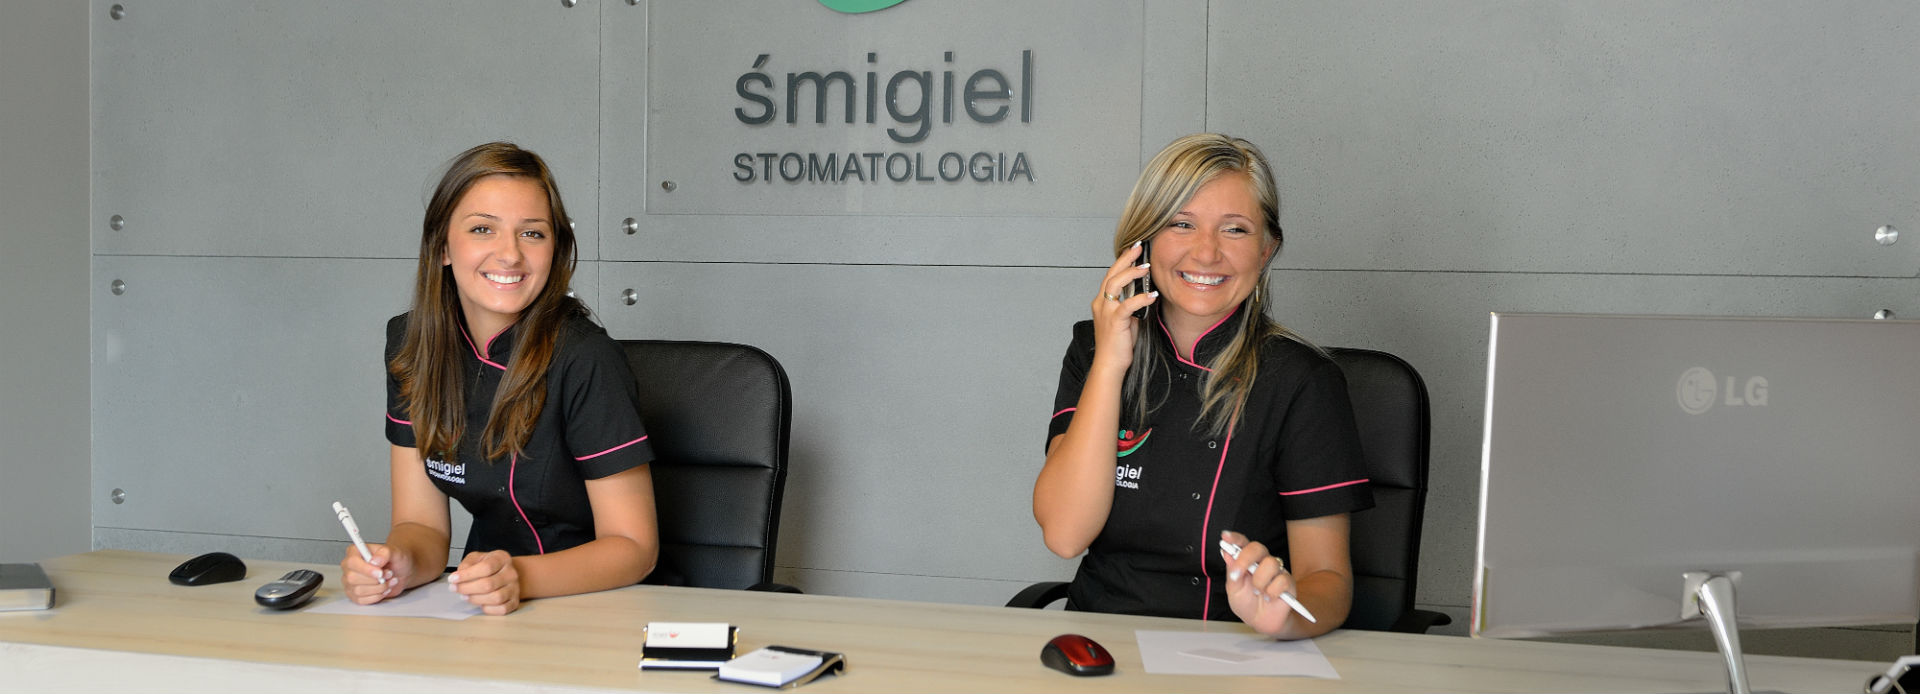 Recepcja w klinice stomatologicznej Smigiel